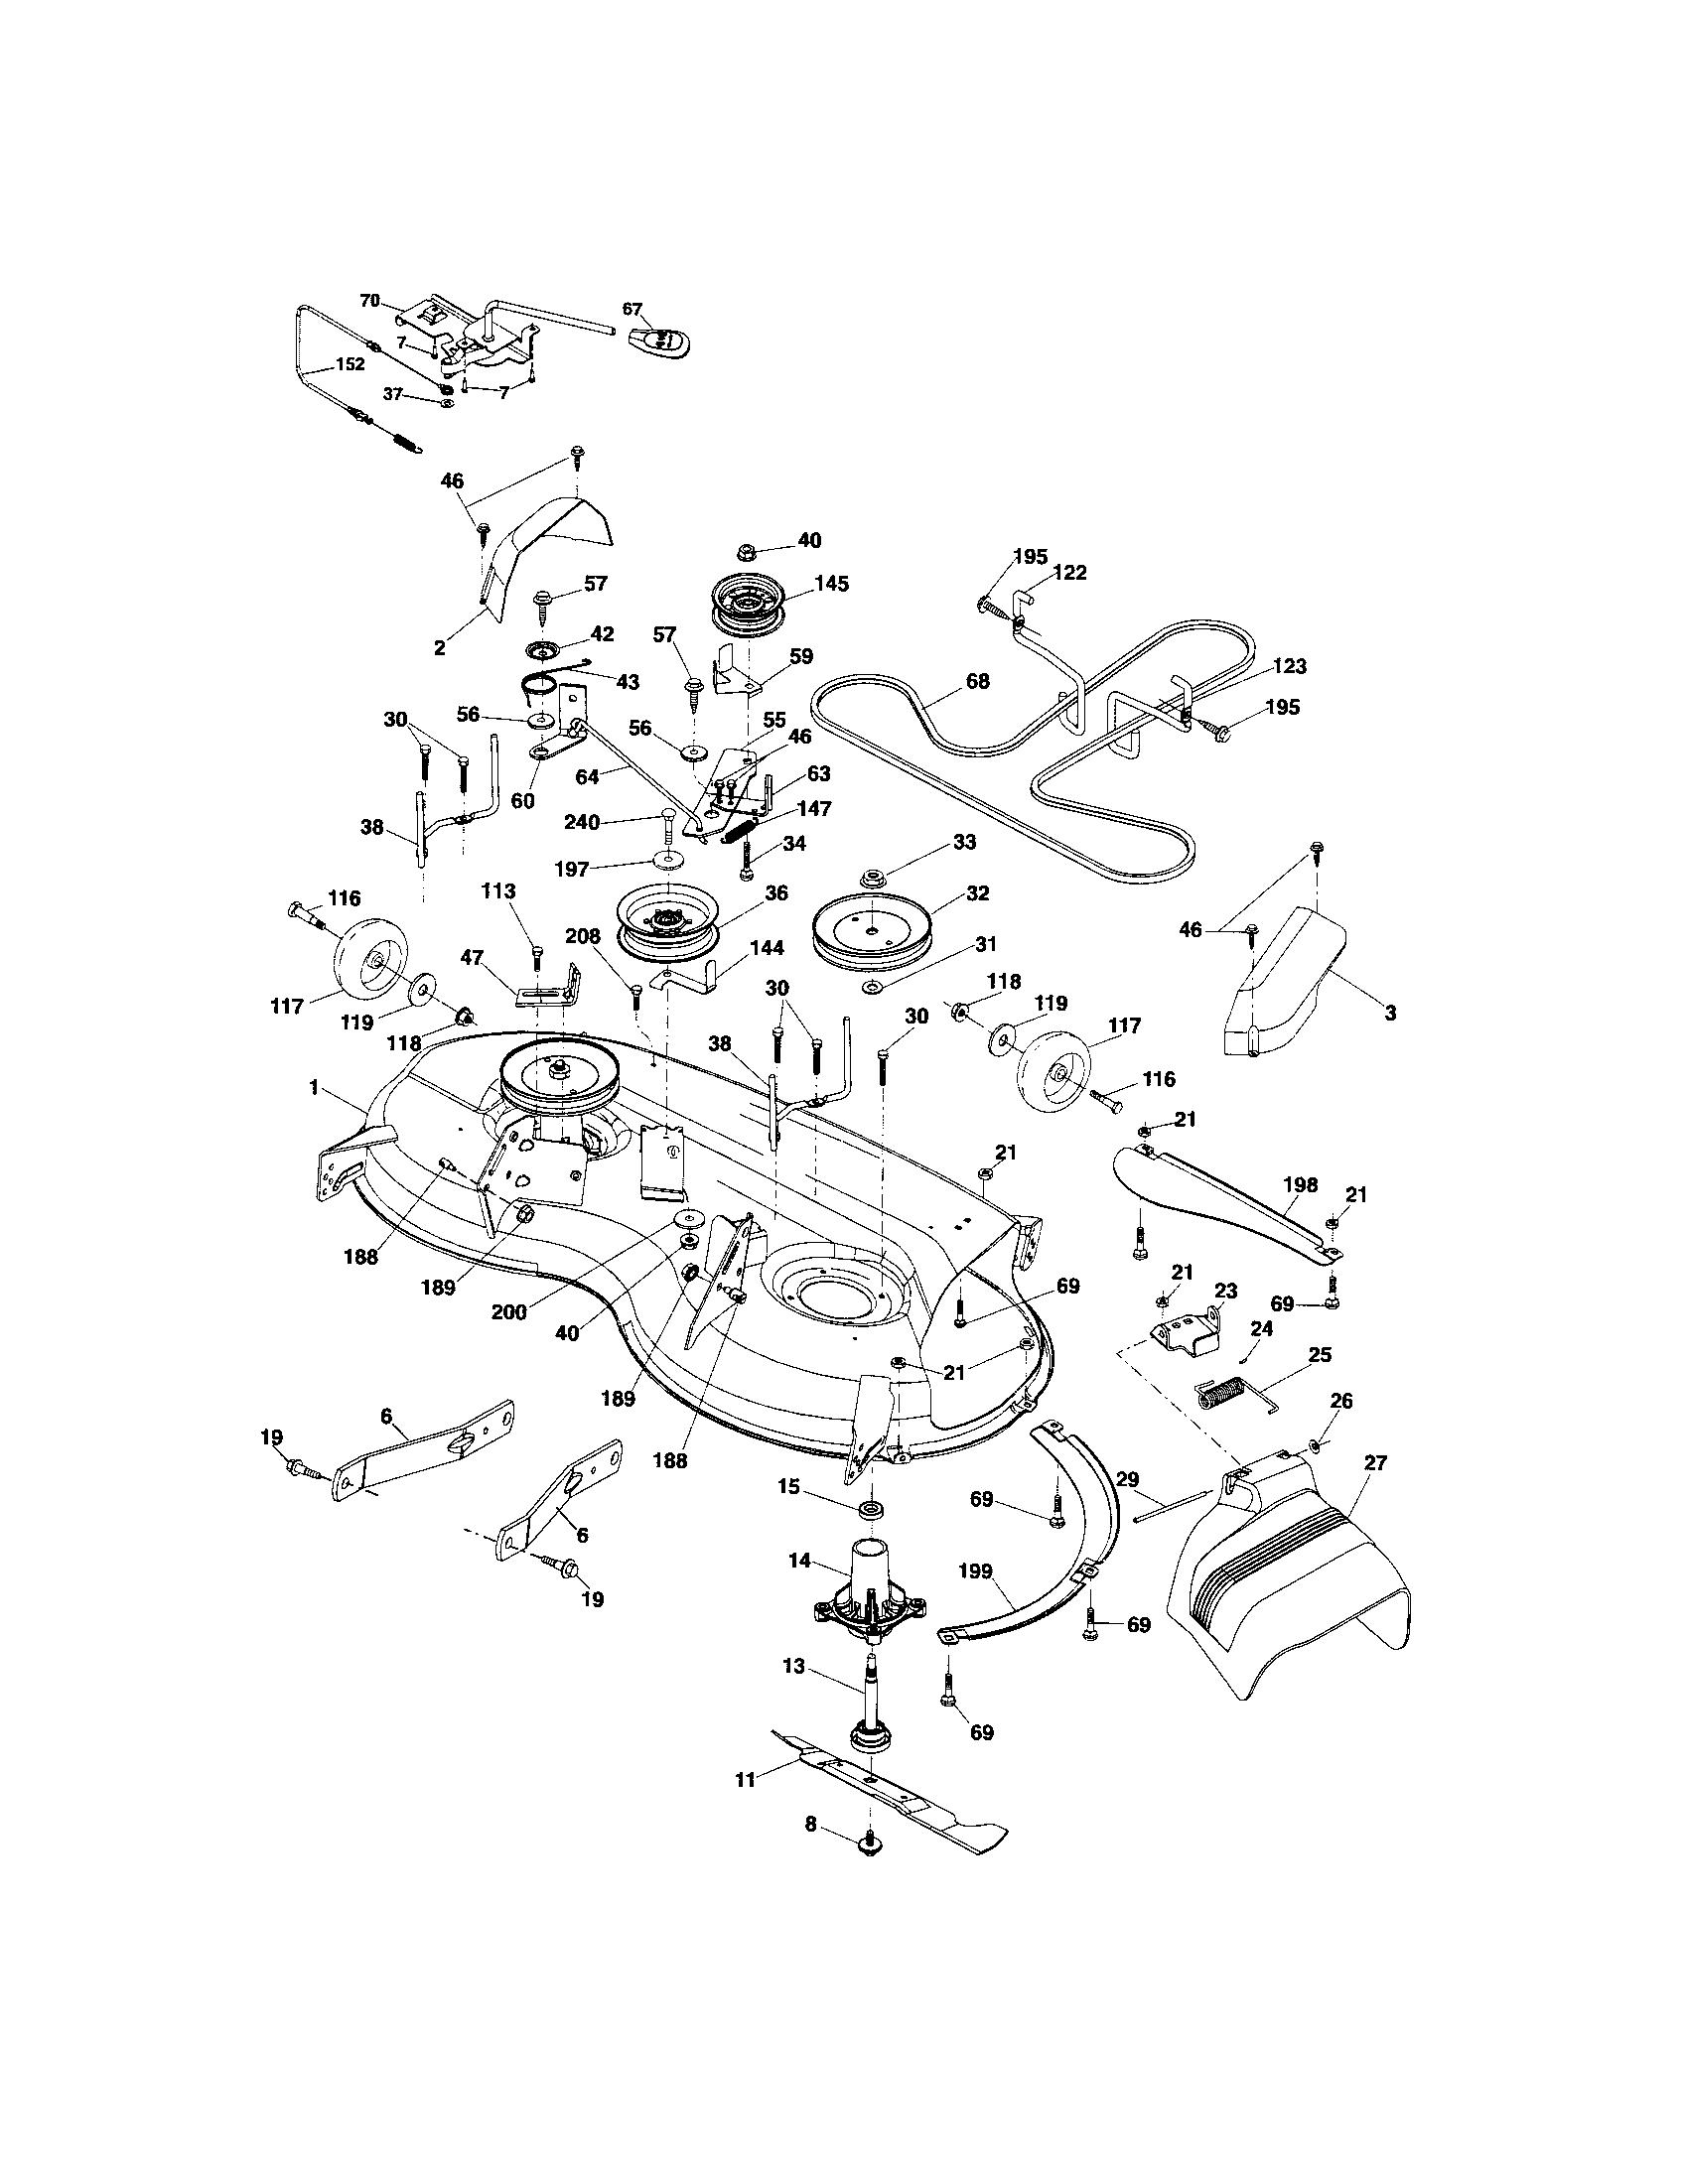 MOWER DECK Diagram & Parts List for Model 917288280